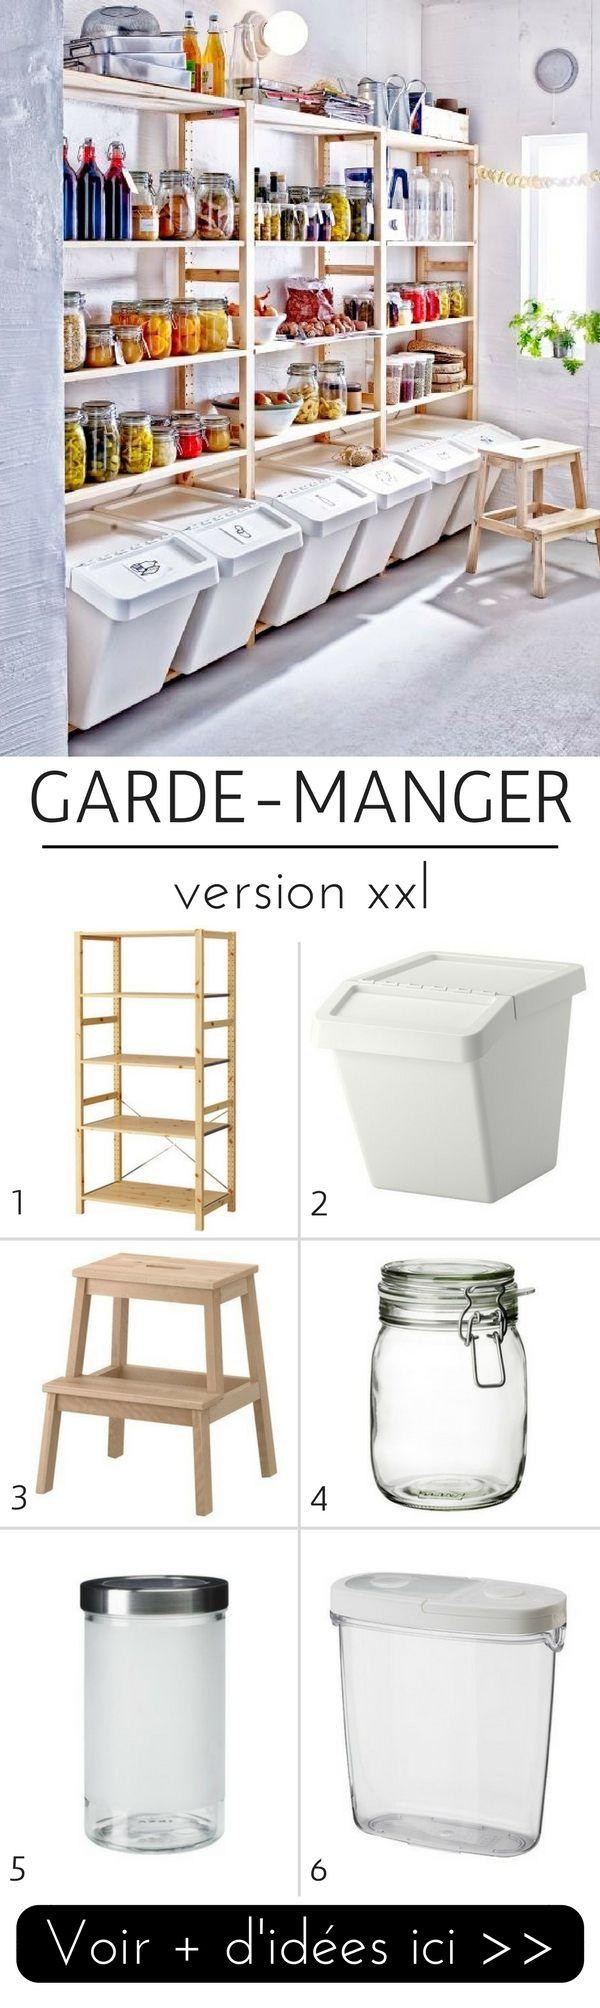 5 Idees De Garde Manger Pratiques Tendance A Copier Ikea Garde Manger Idee Garde Manger Et Idees De Garde